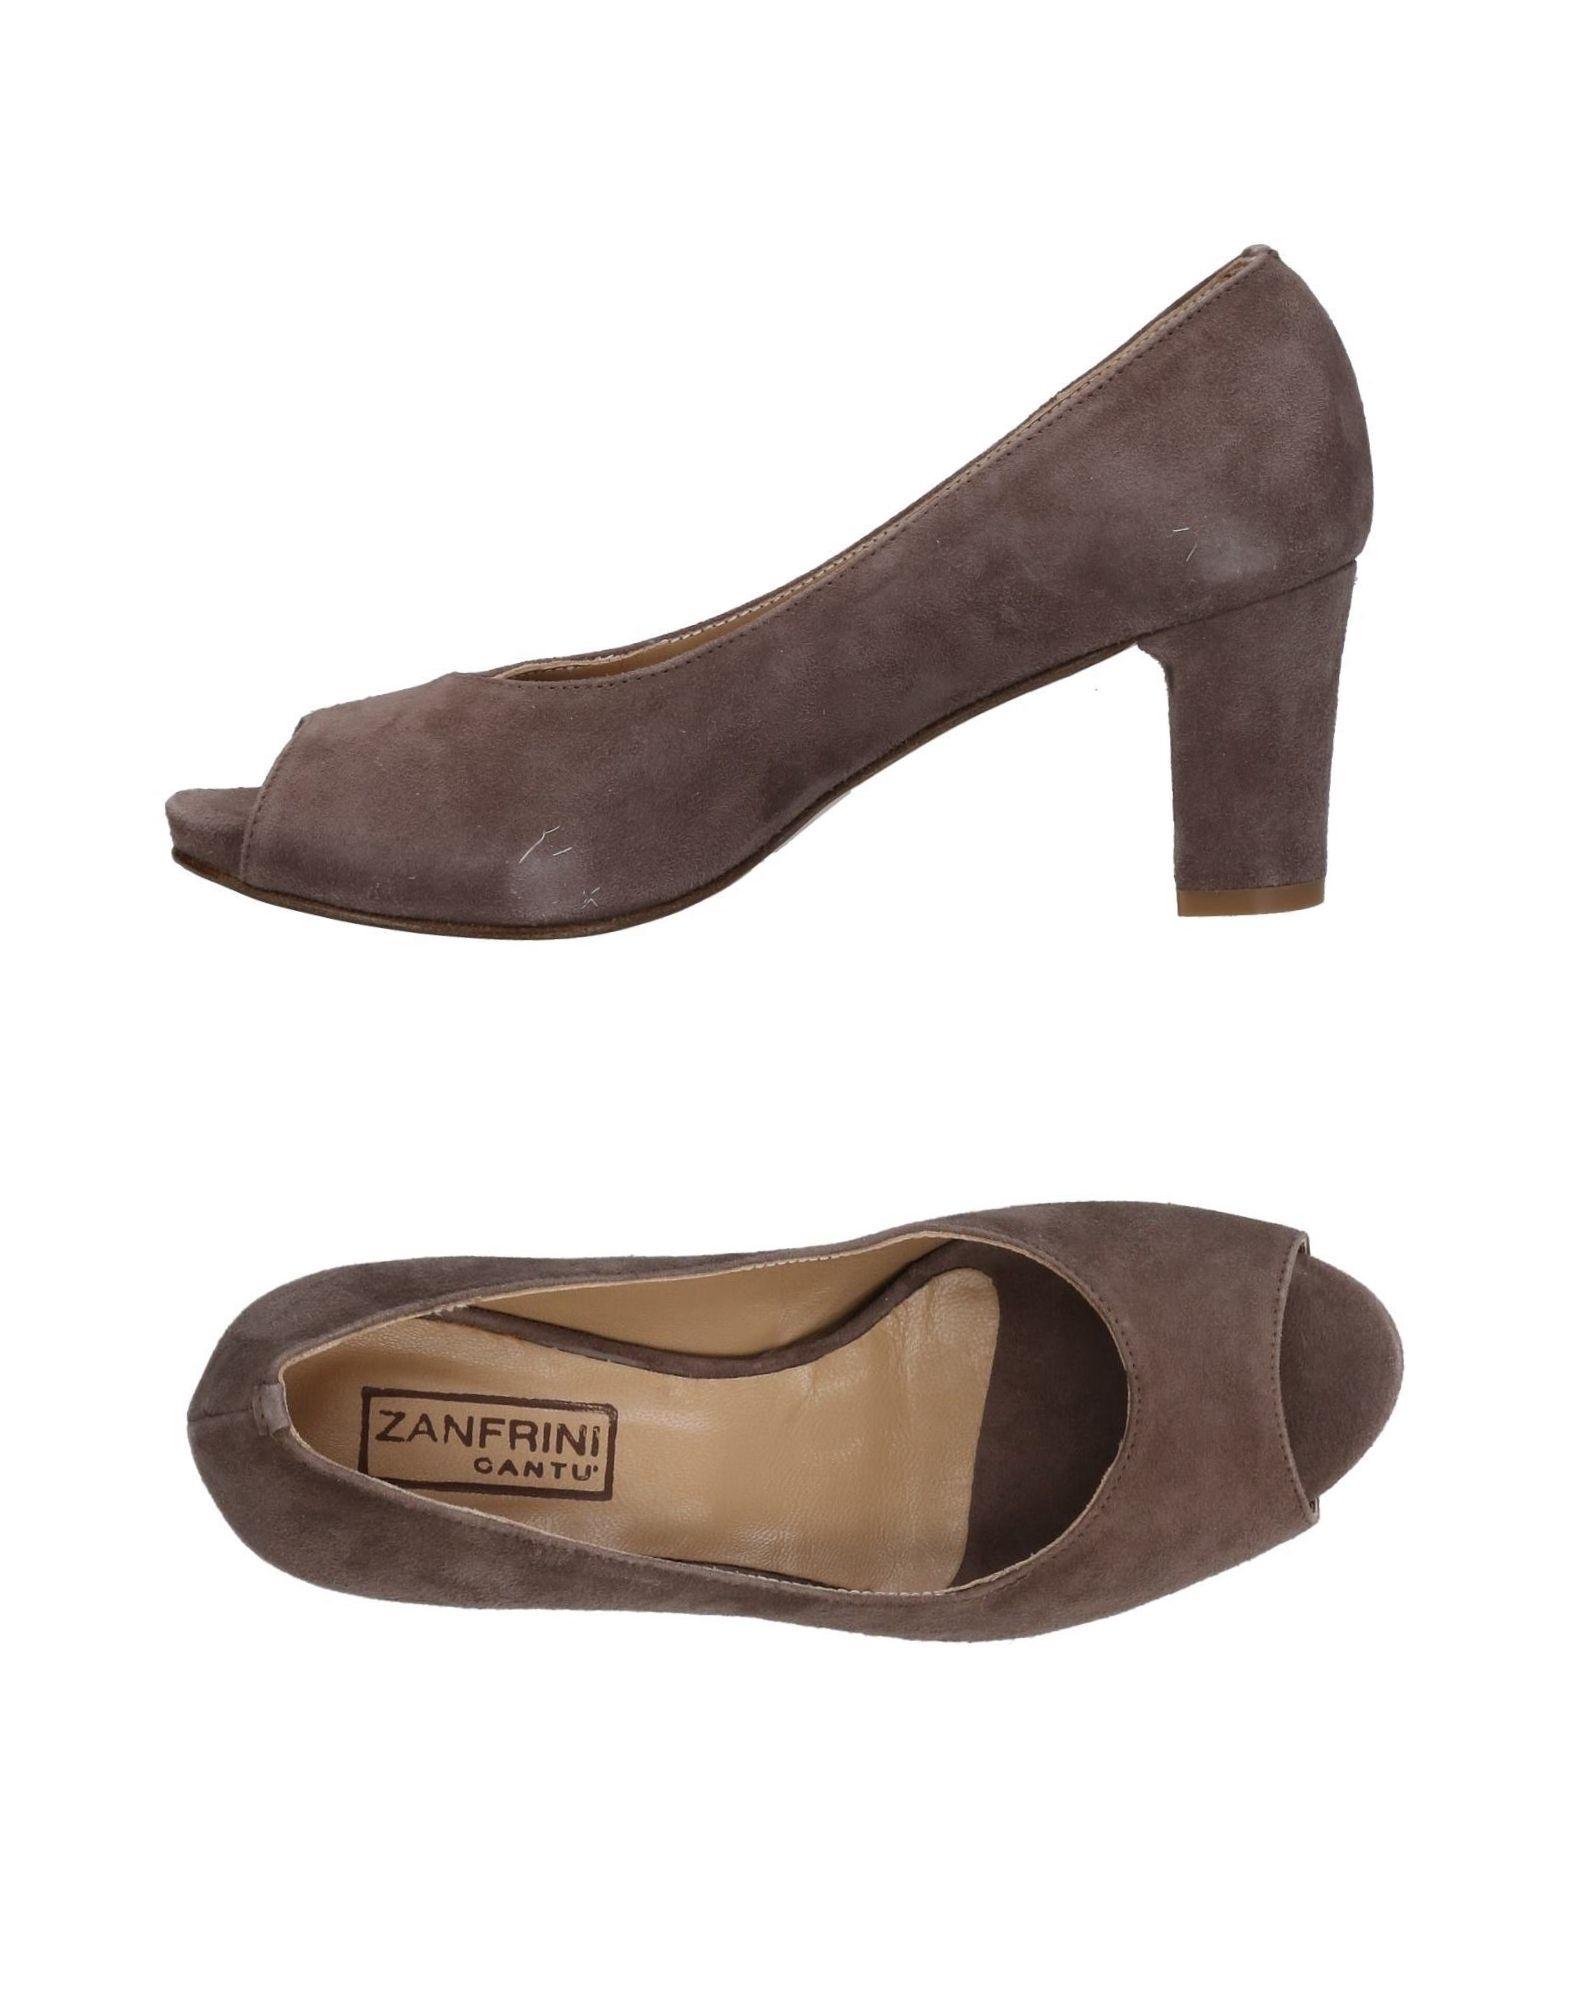 Zanfrini Cantù Pumps Damen  11432870UX Gute Qualität beliebte Schuhe